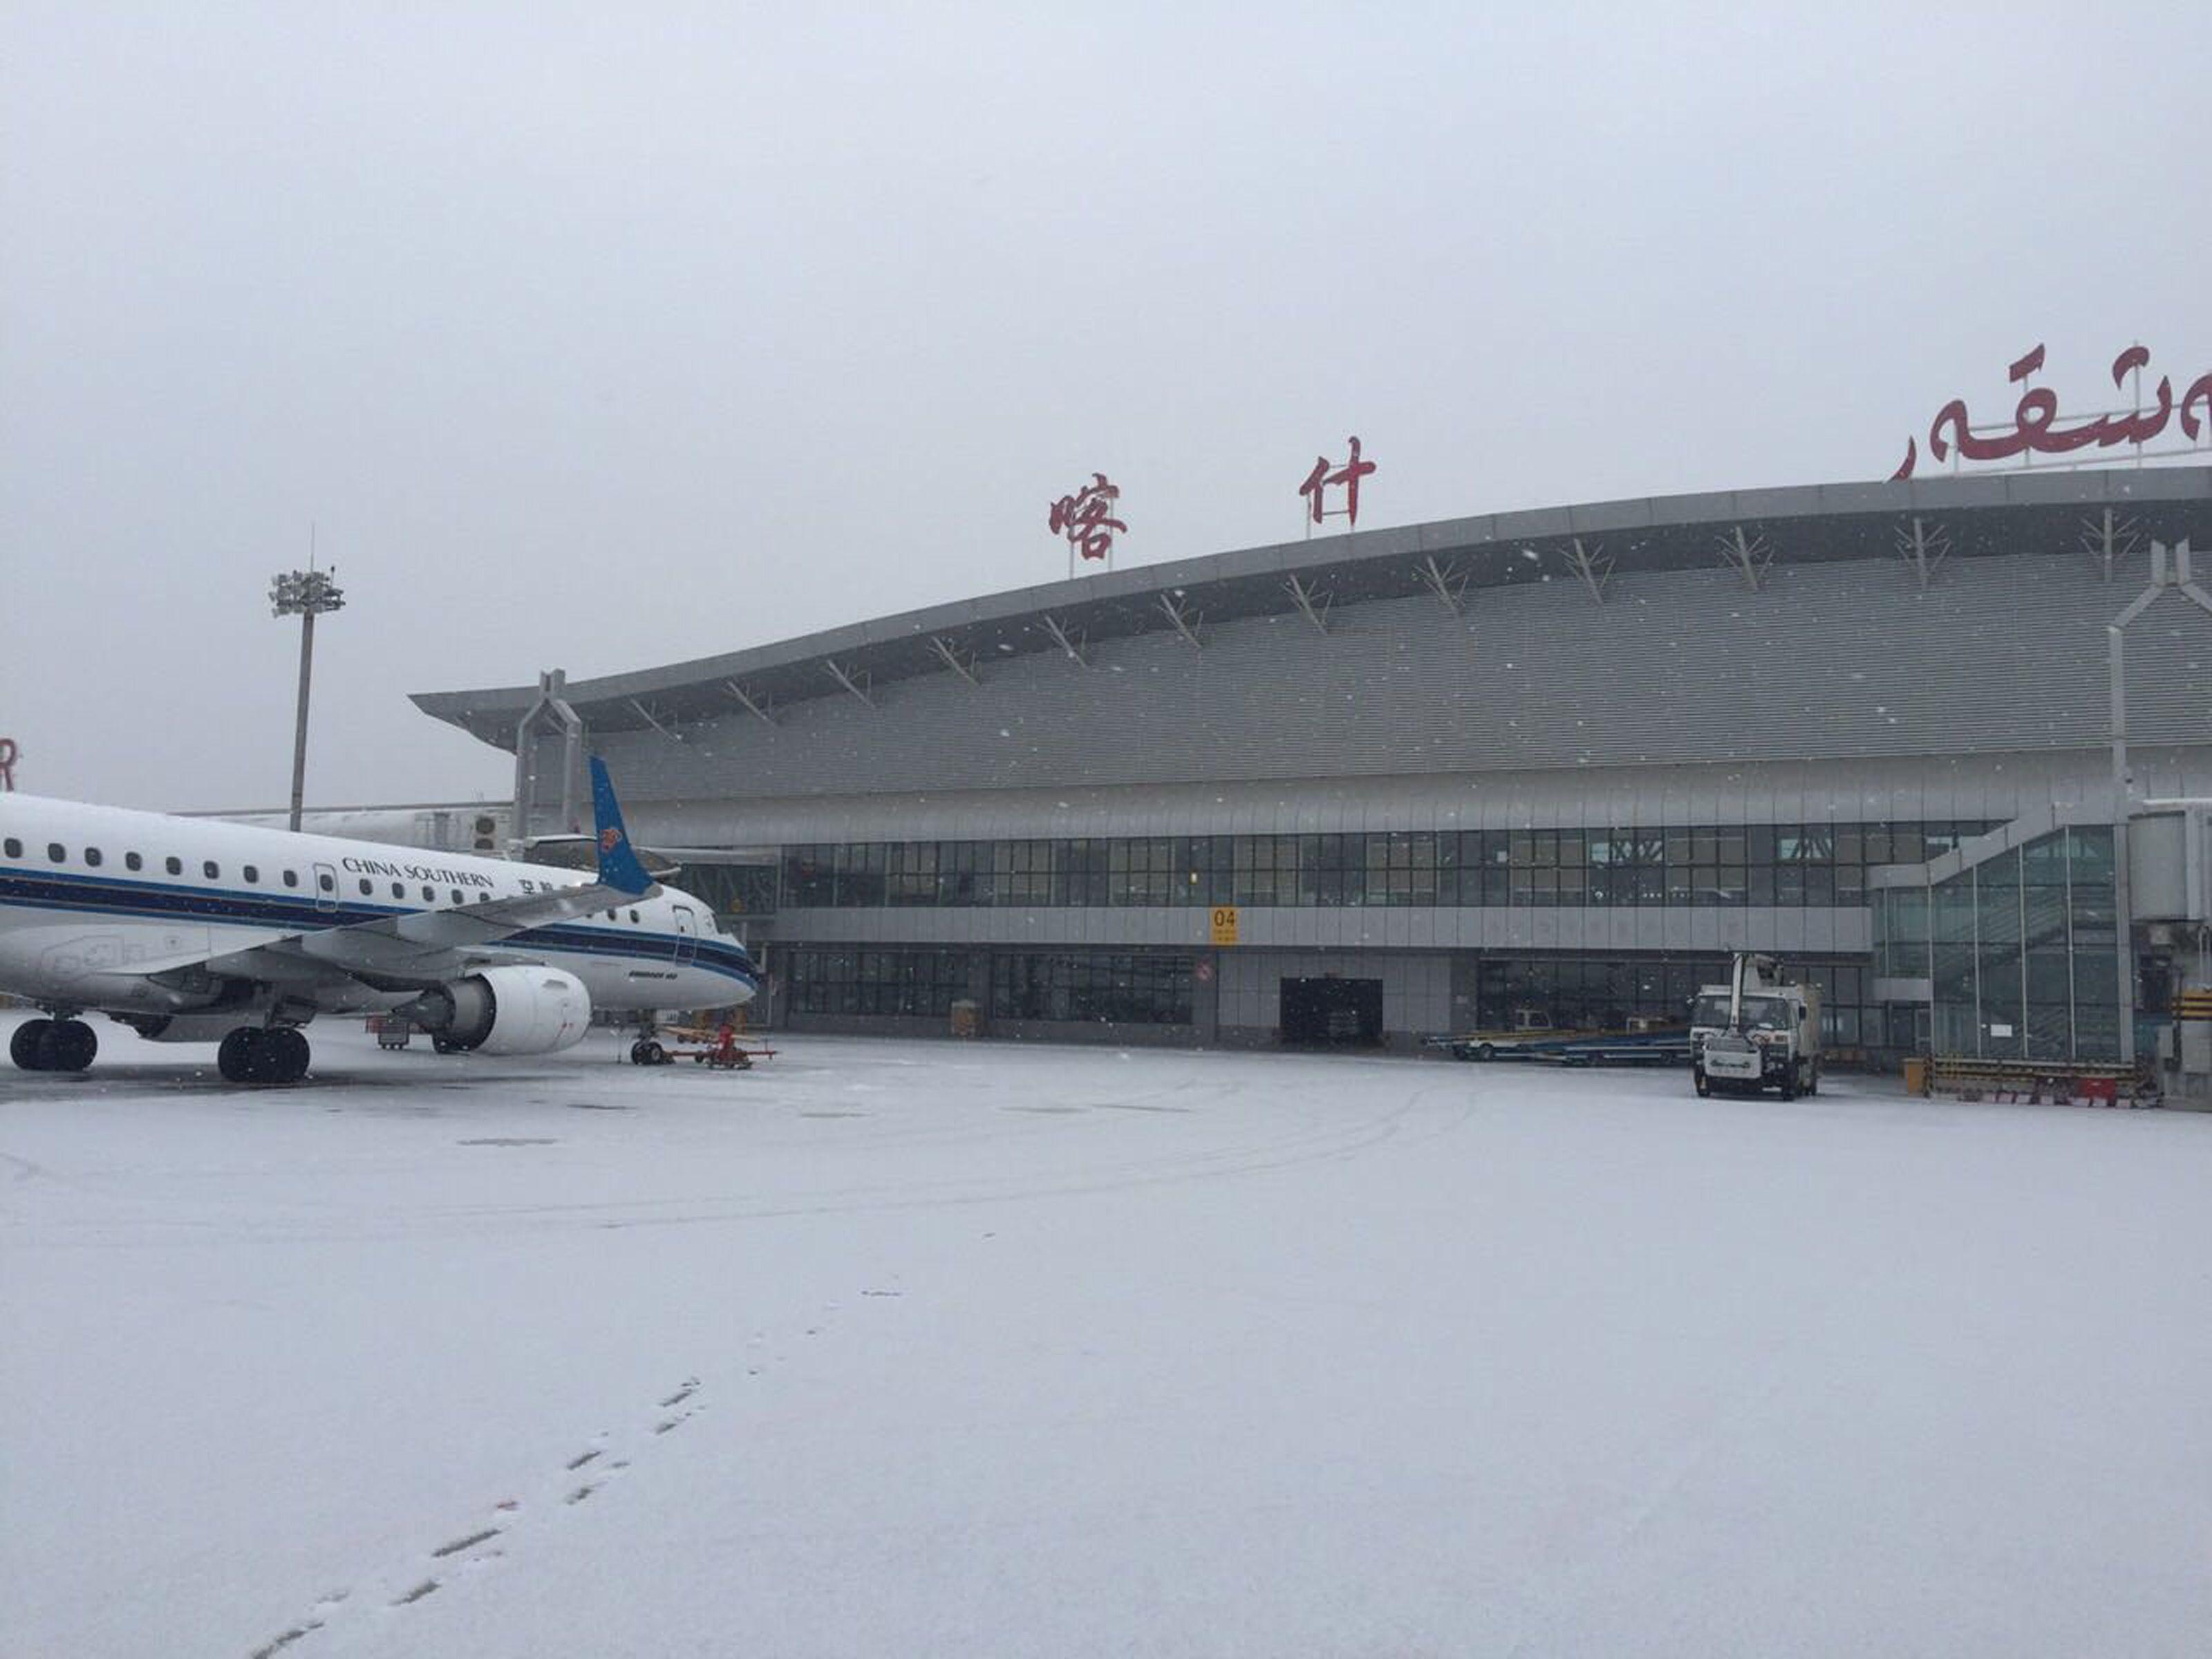 喀什机场春运客流创新高 7天运送旅客3.7万人次